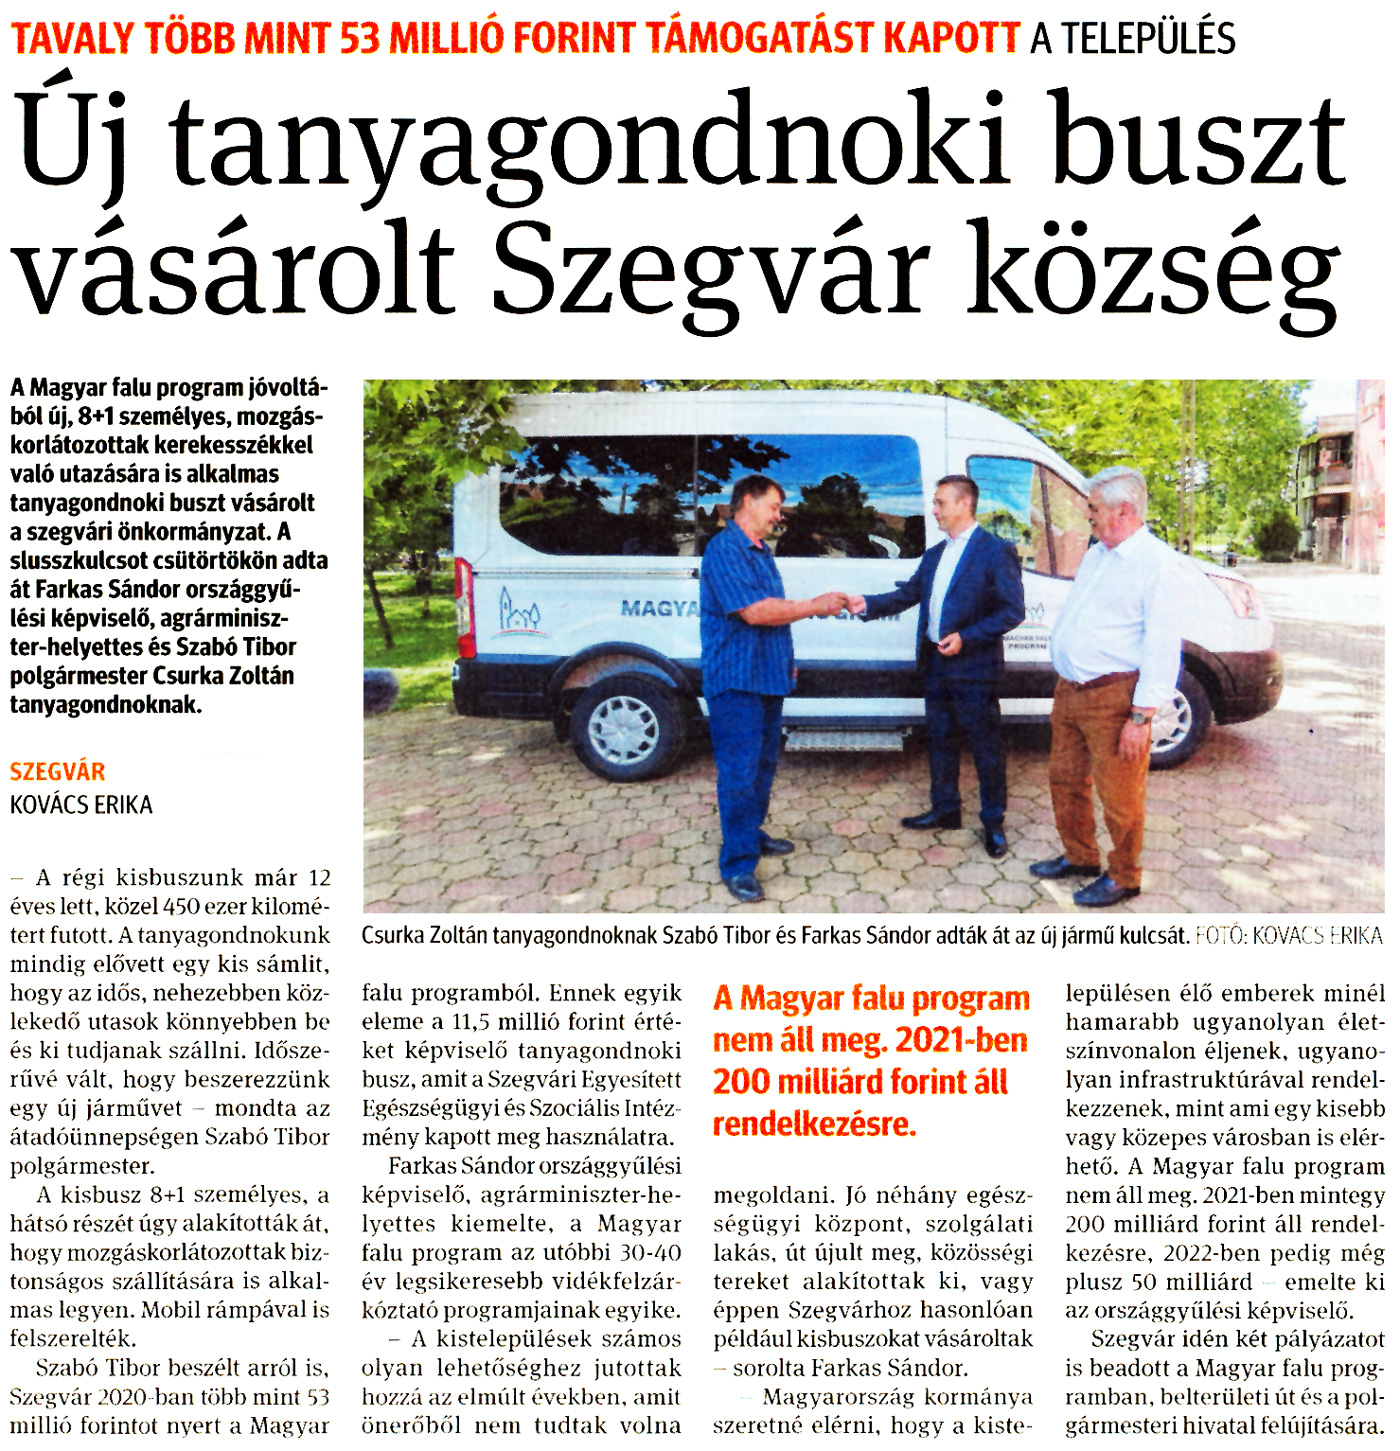 Új tanyagondnoki buszt vásárolt Szegvár község